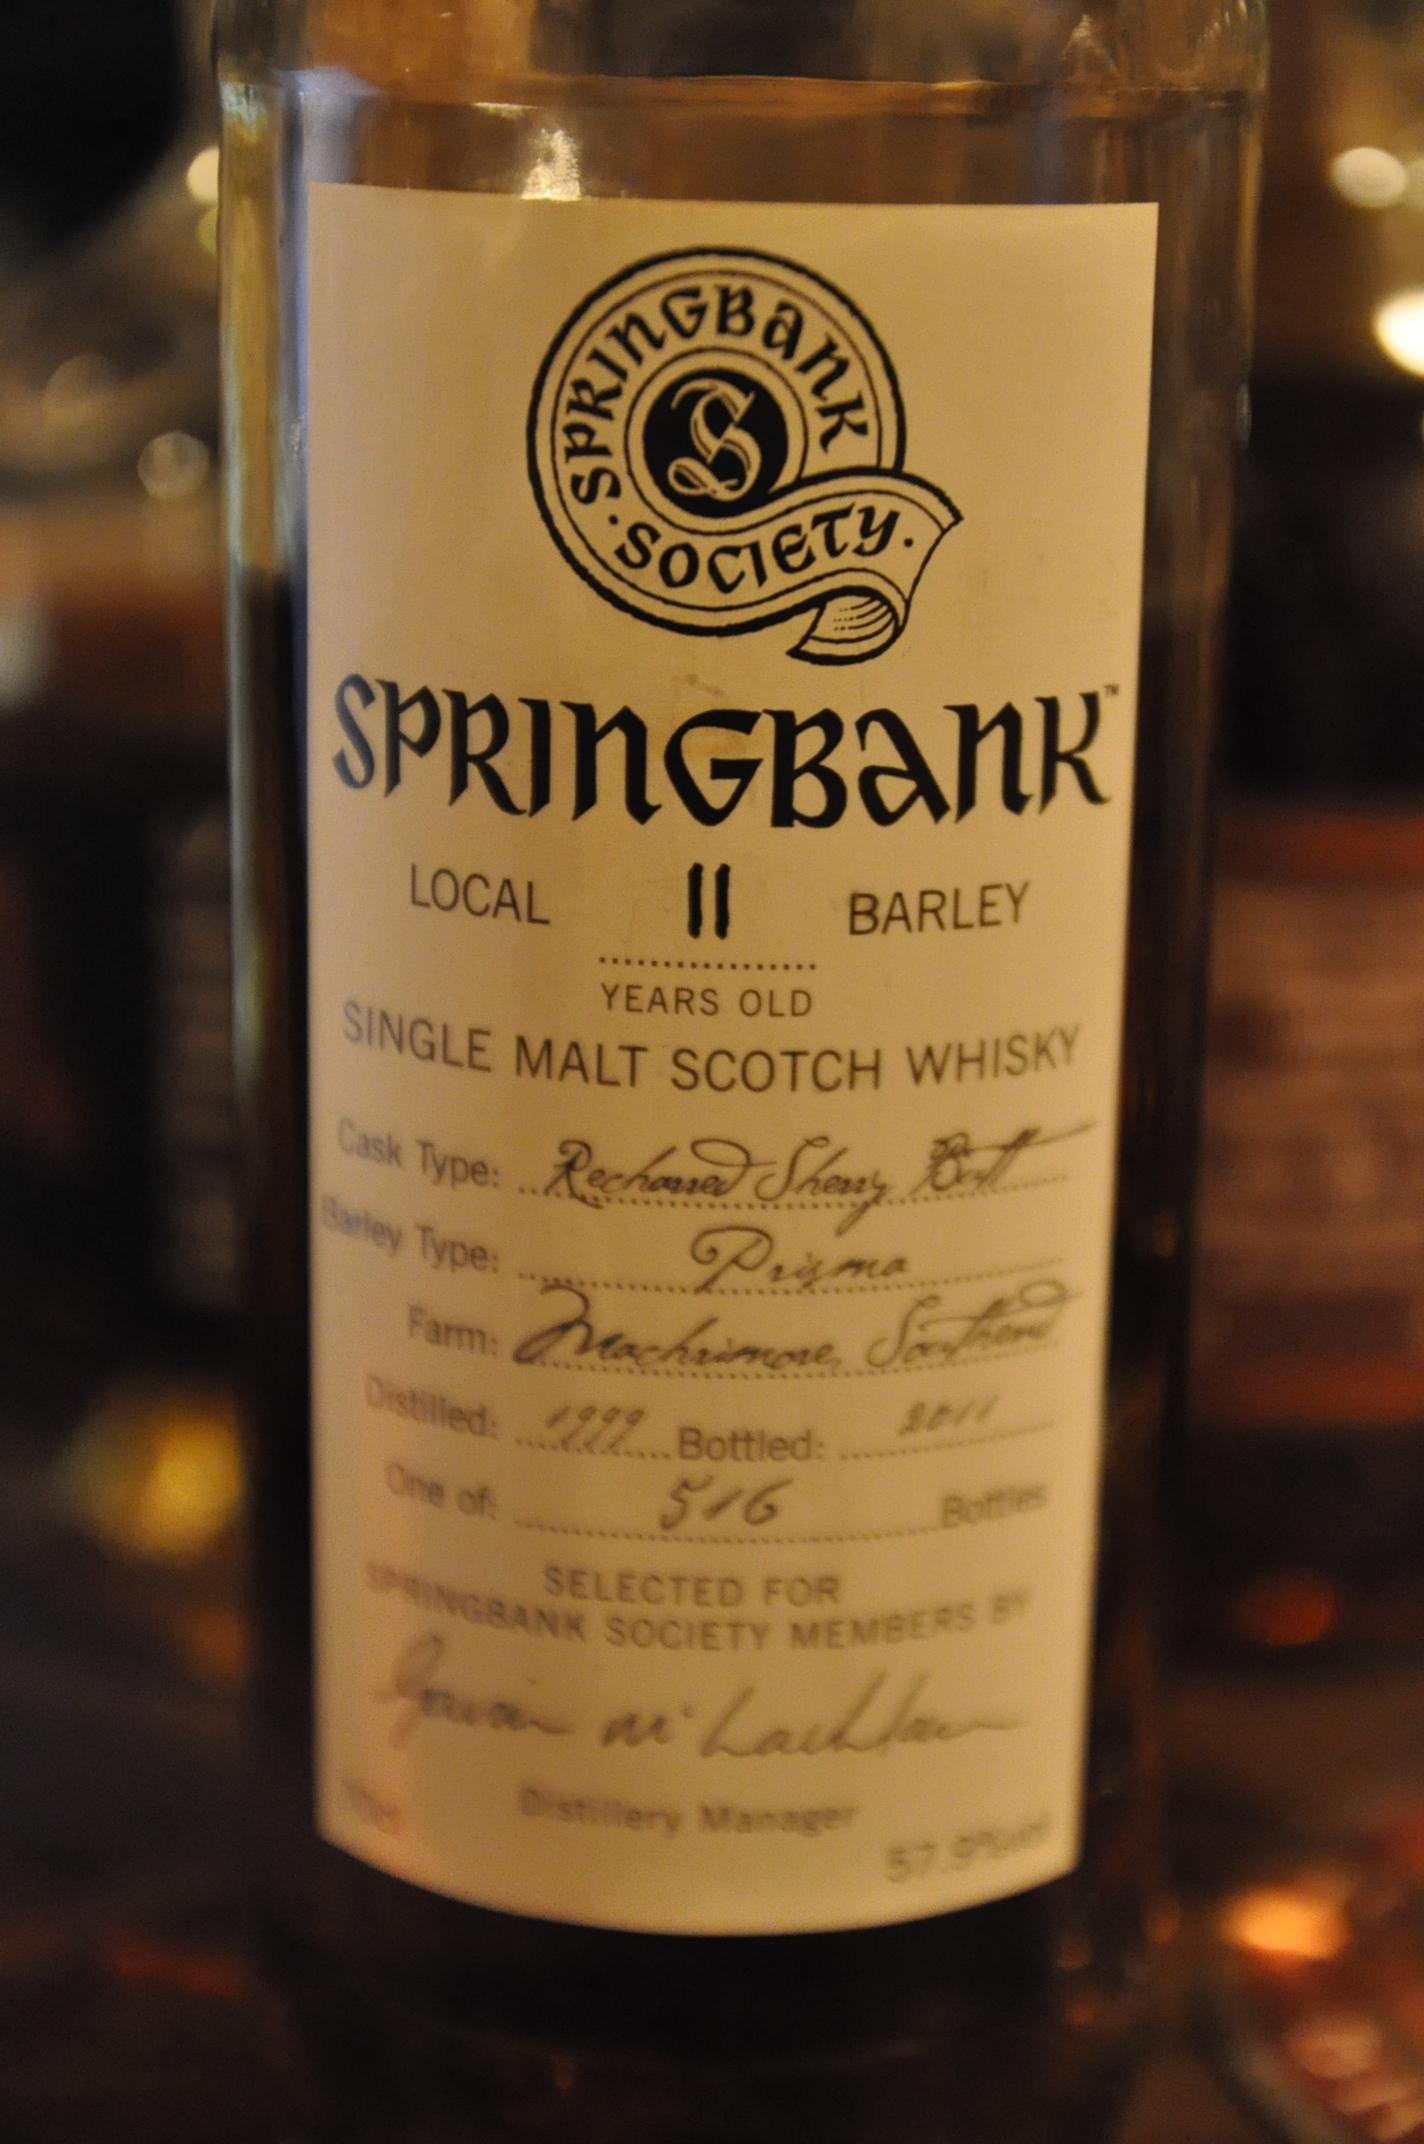 """スプリングバンク Springbank """"Local barley"""" 11yo 1999/2011 (57.9%, OB, Recharred Sherry Butt, 516bts)"""